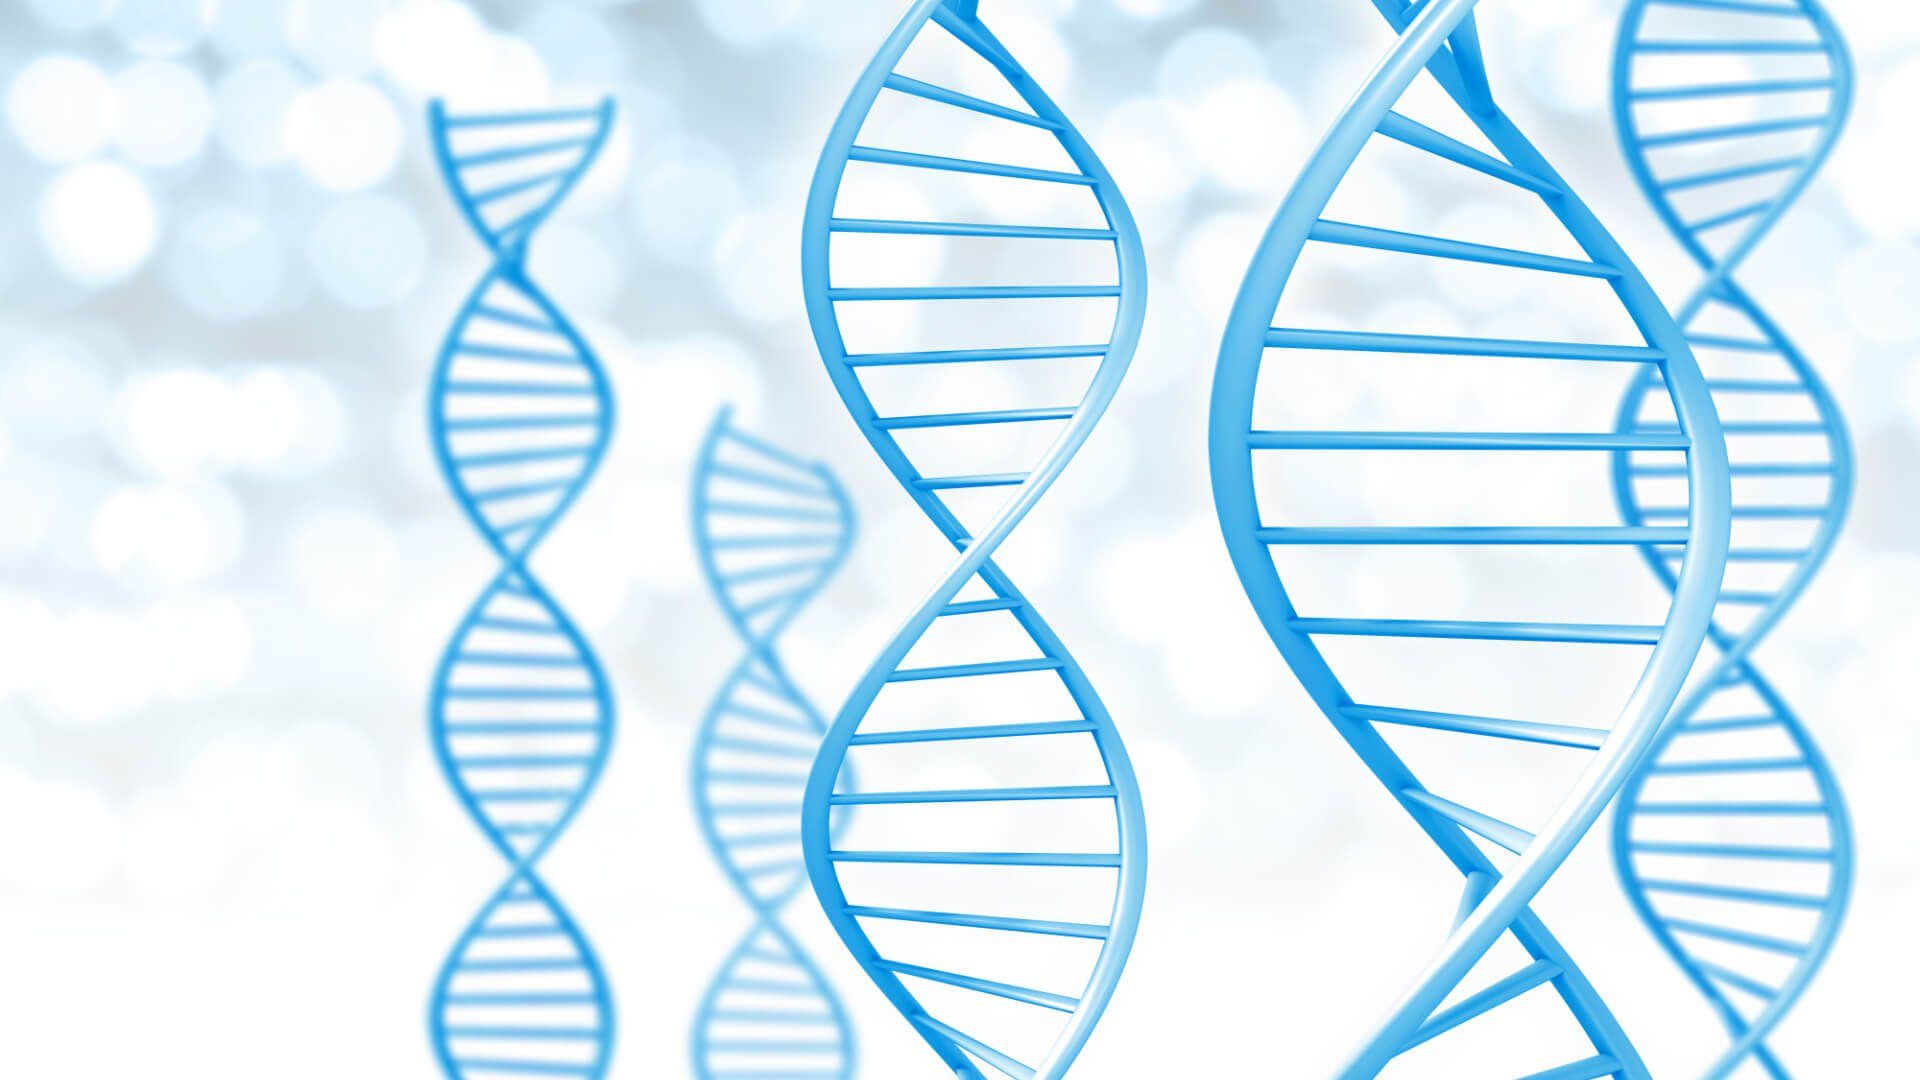 Tumour & Genetic Data